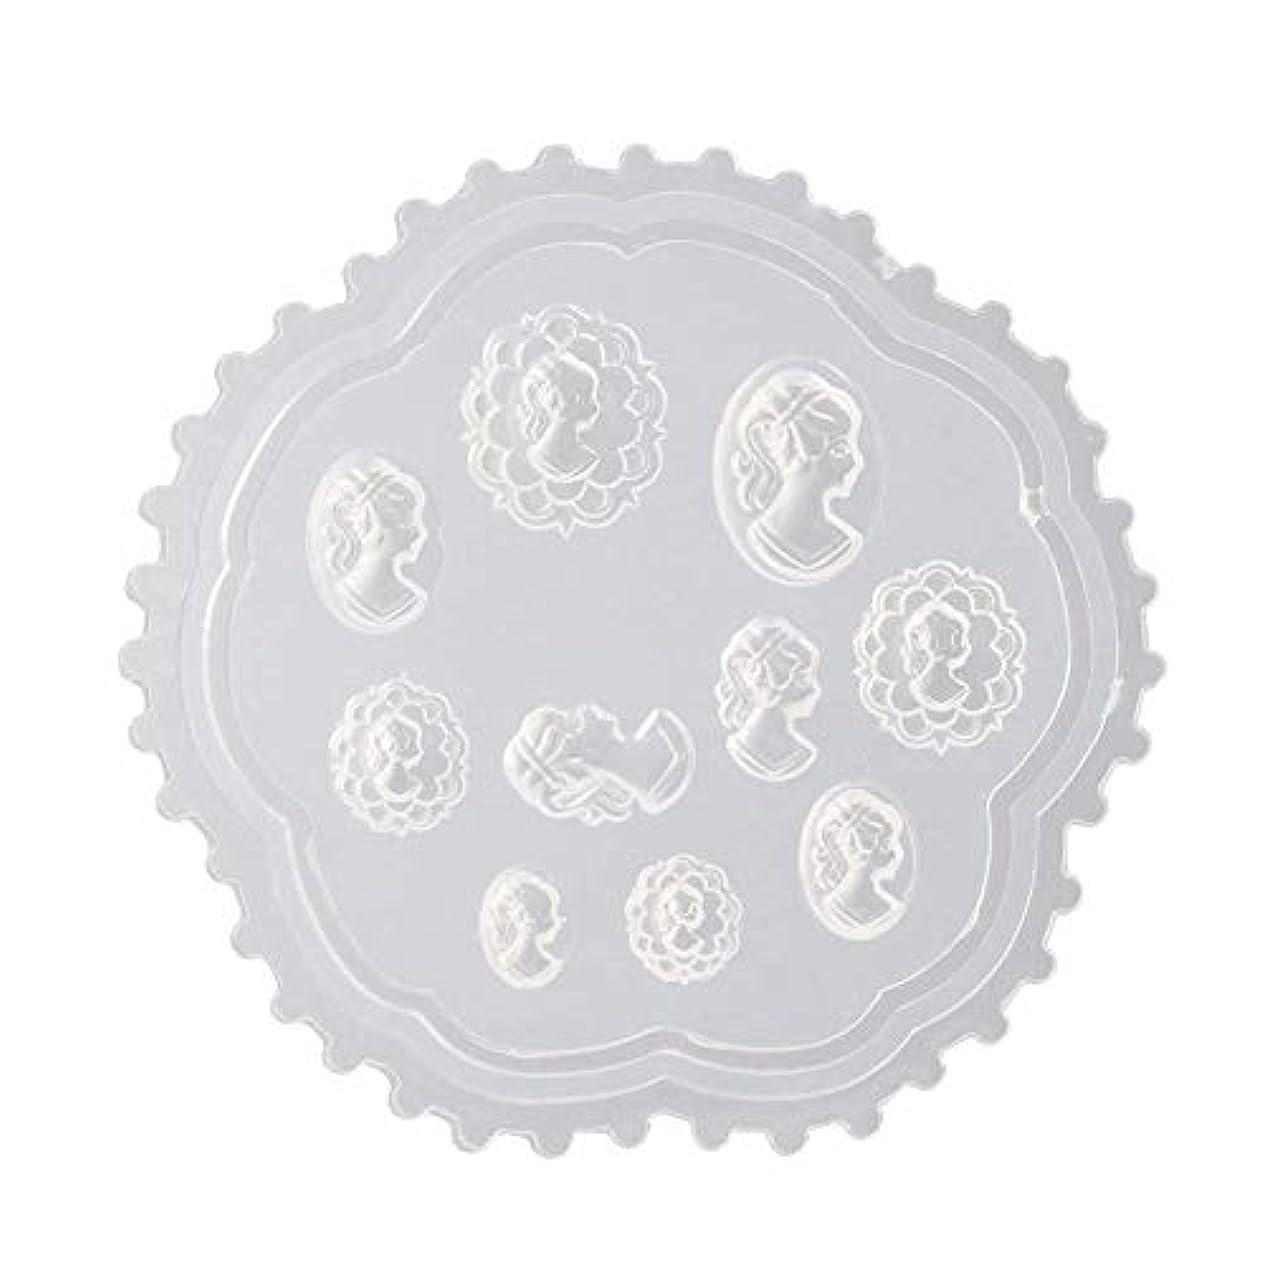 バンジージャンプサイレントリースFlymylion 3Dシリコンモールド ネイル 葉 花 抜き型 3Dネイル用 レジンモールド UVレジン ネイルパーツ ジェル ネイル セット アクセサリー パーツ 作成 (2)